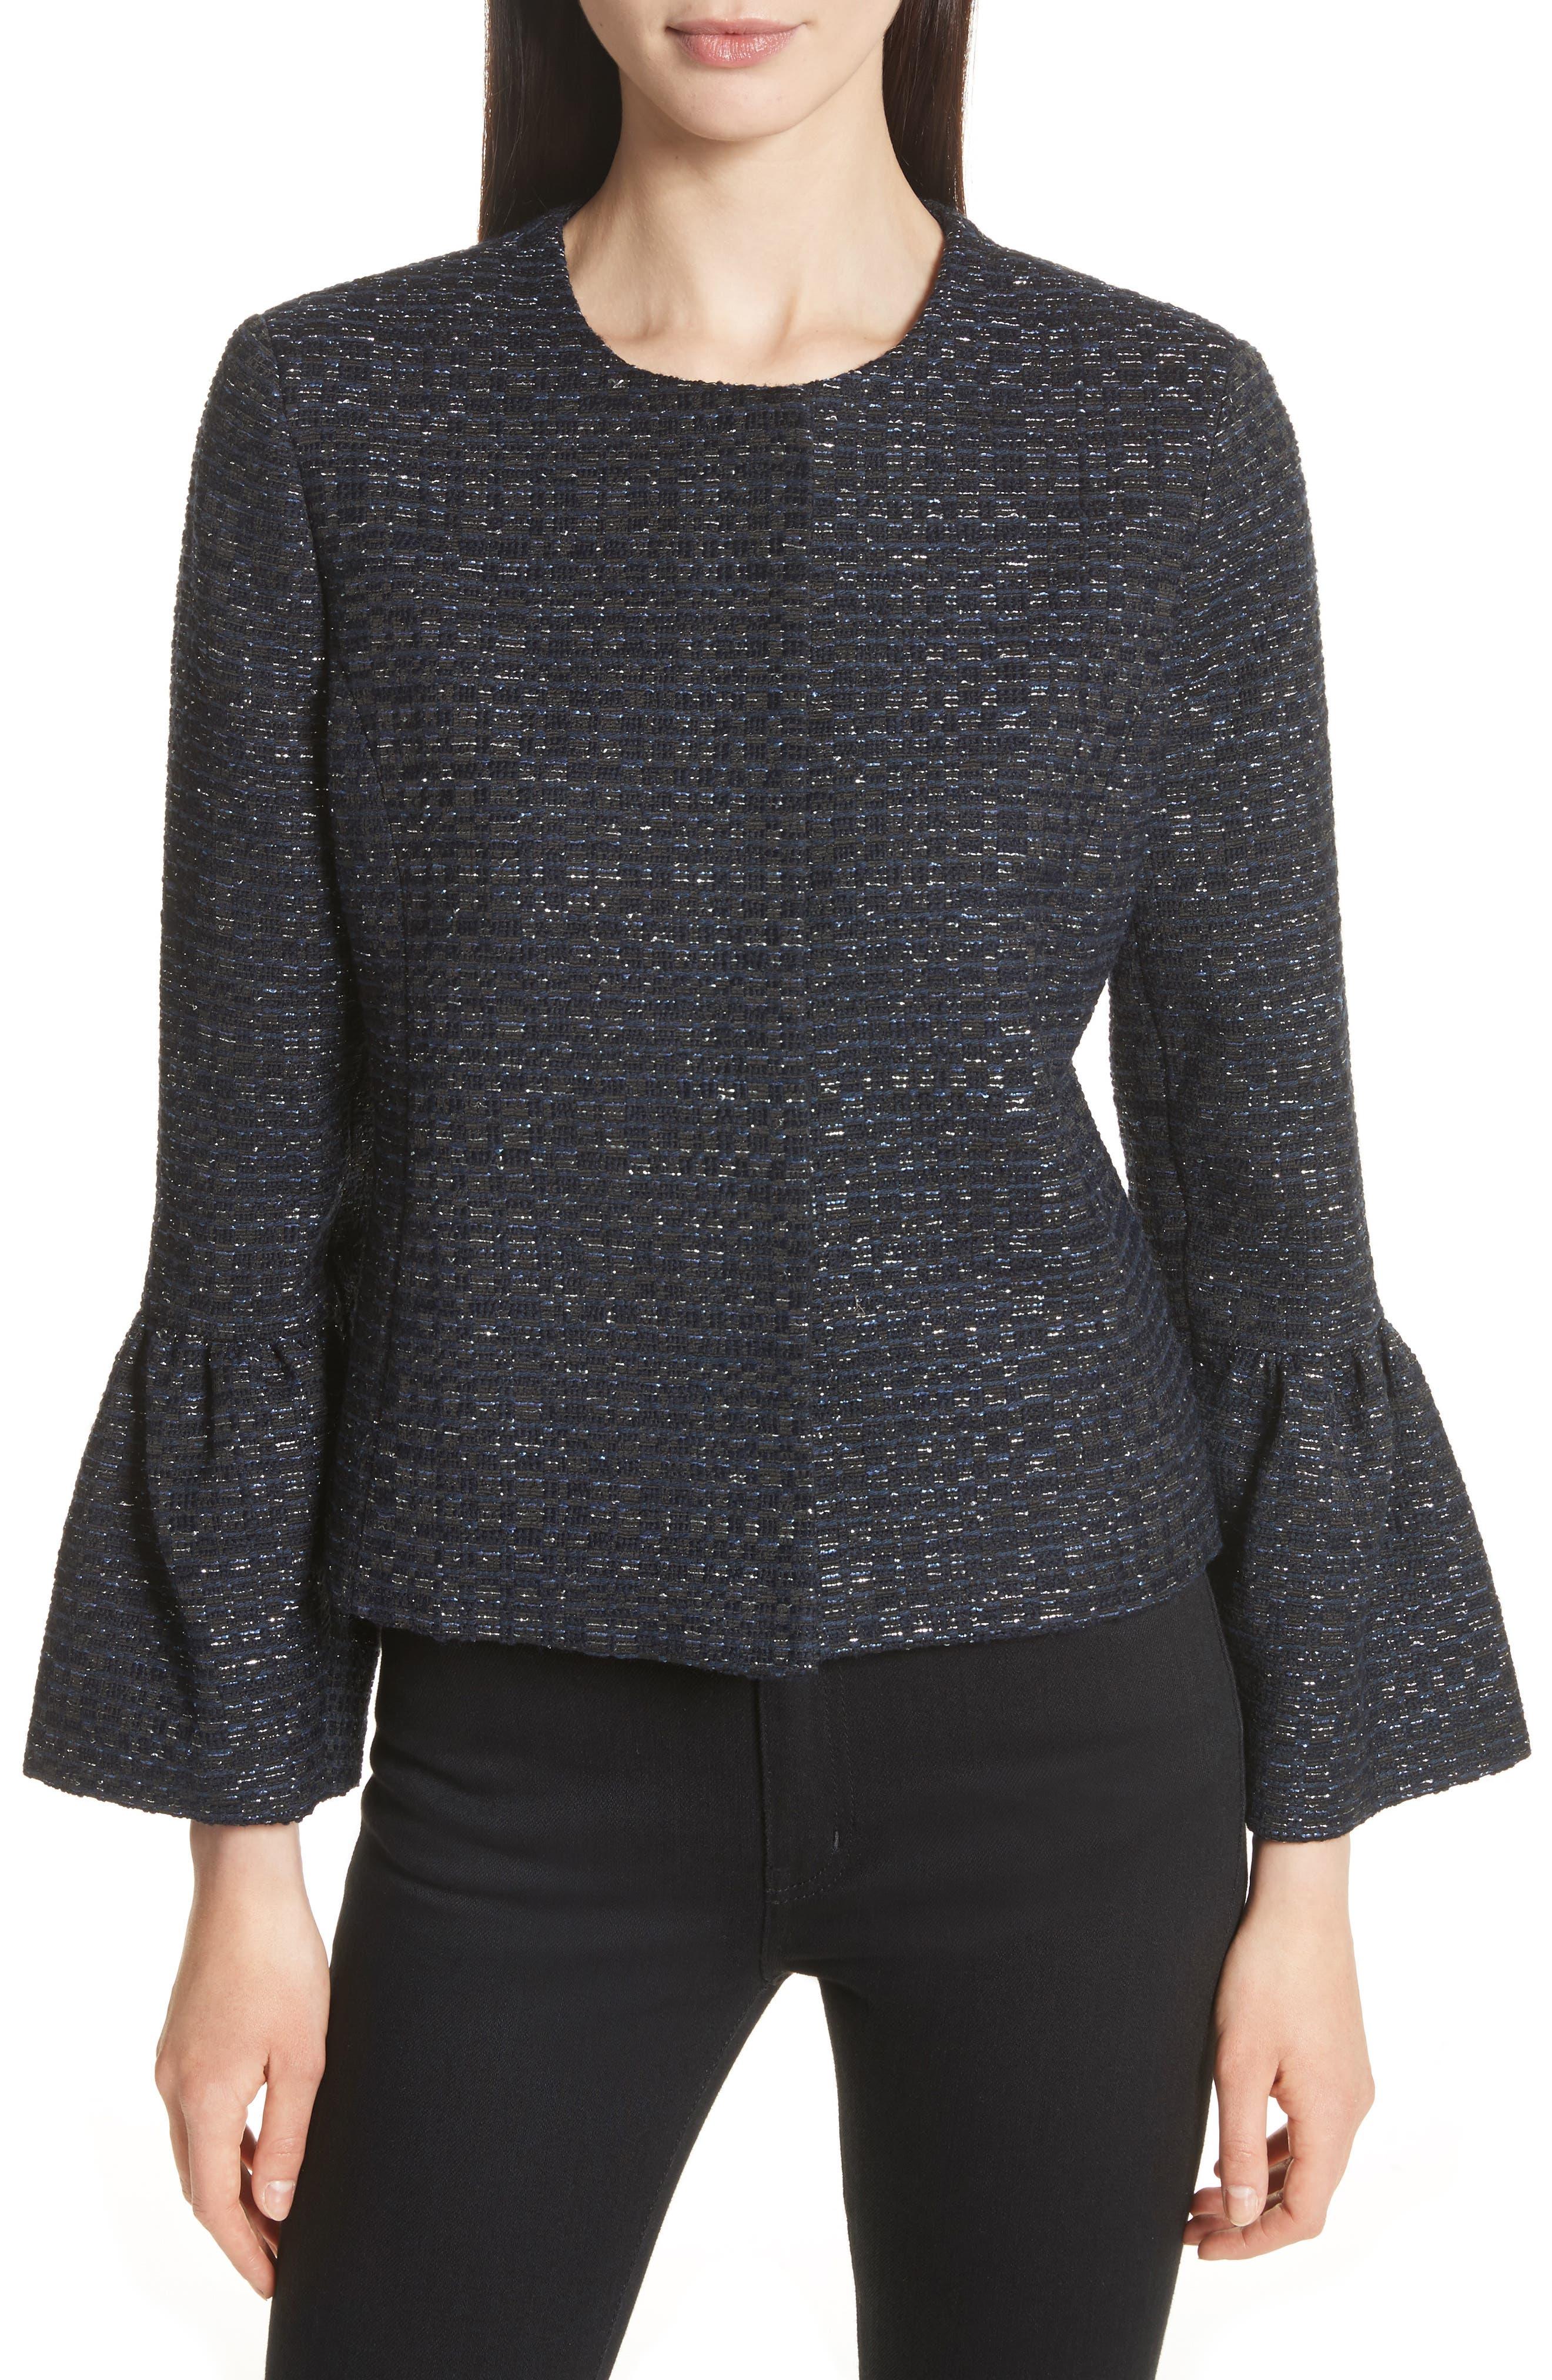 Alternate Image 1 Selected - Helene Berman Zoe Bell Cuff Tweed Jacket